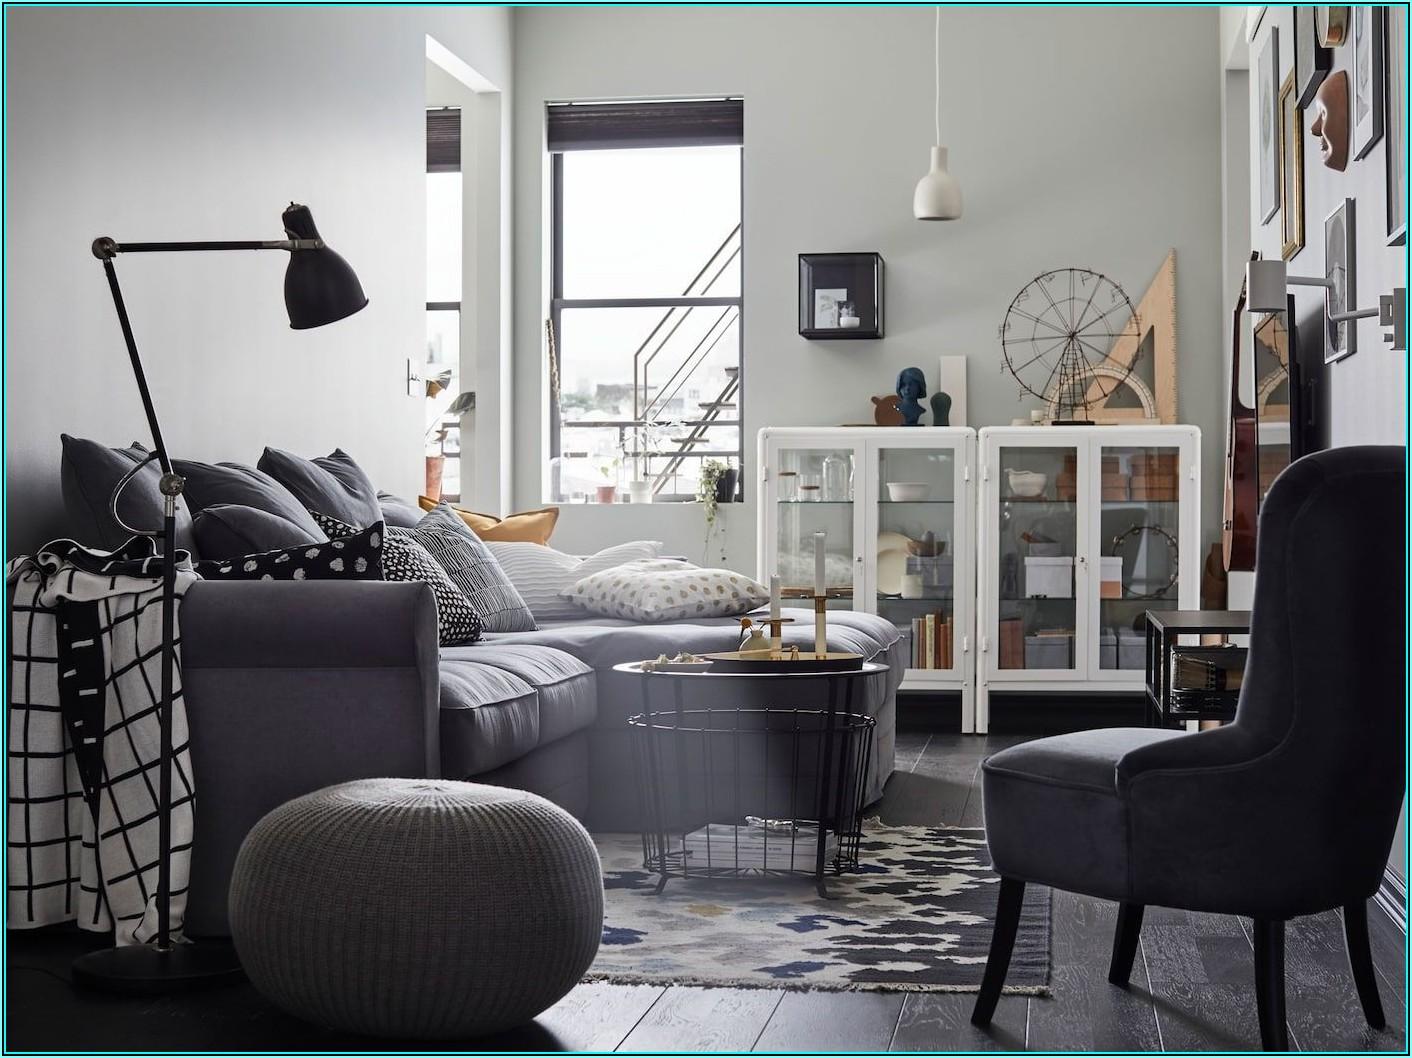 Bilder Für Wohnzimmer Ikea